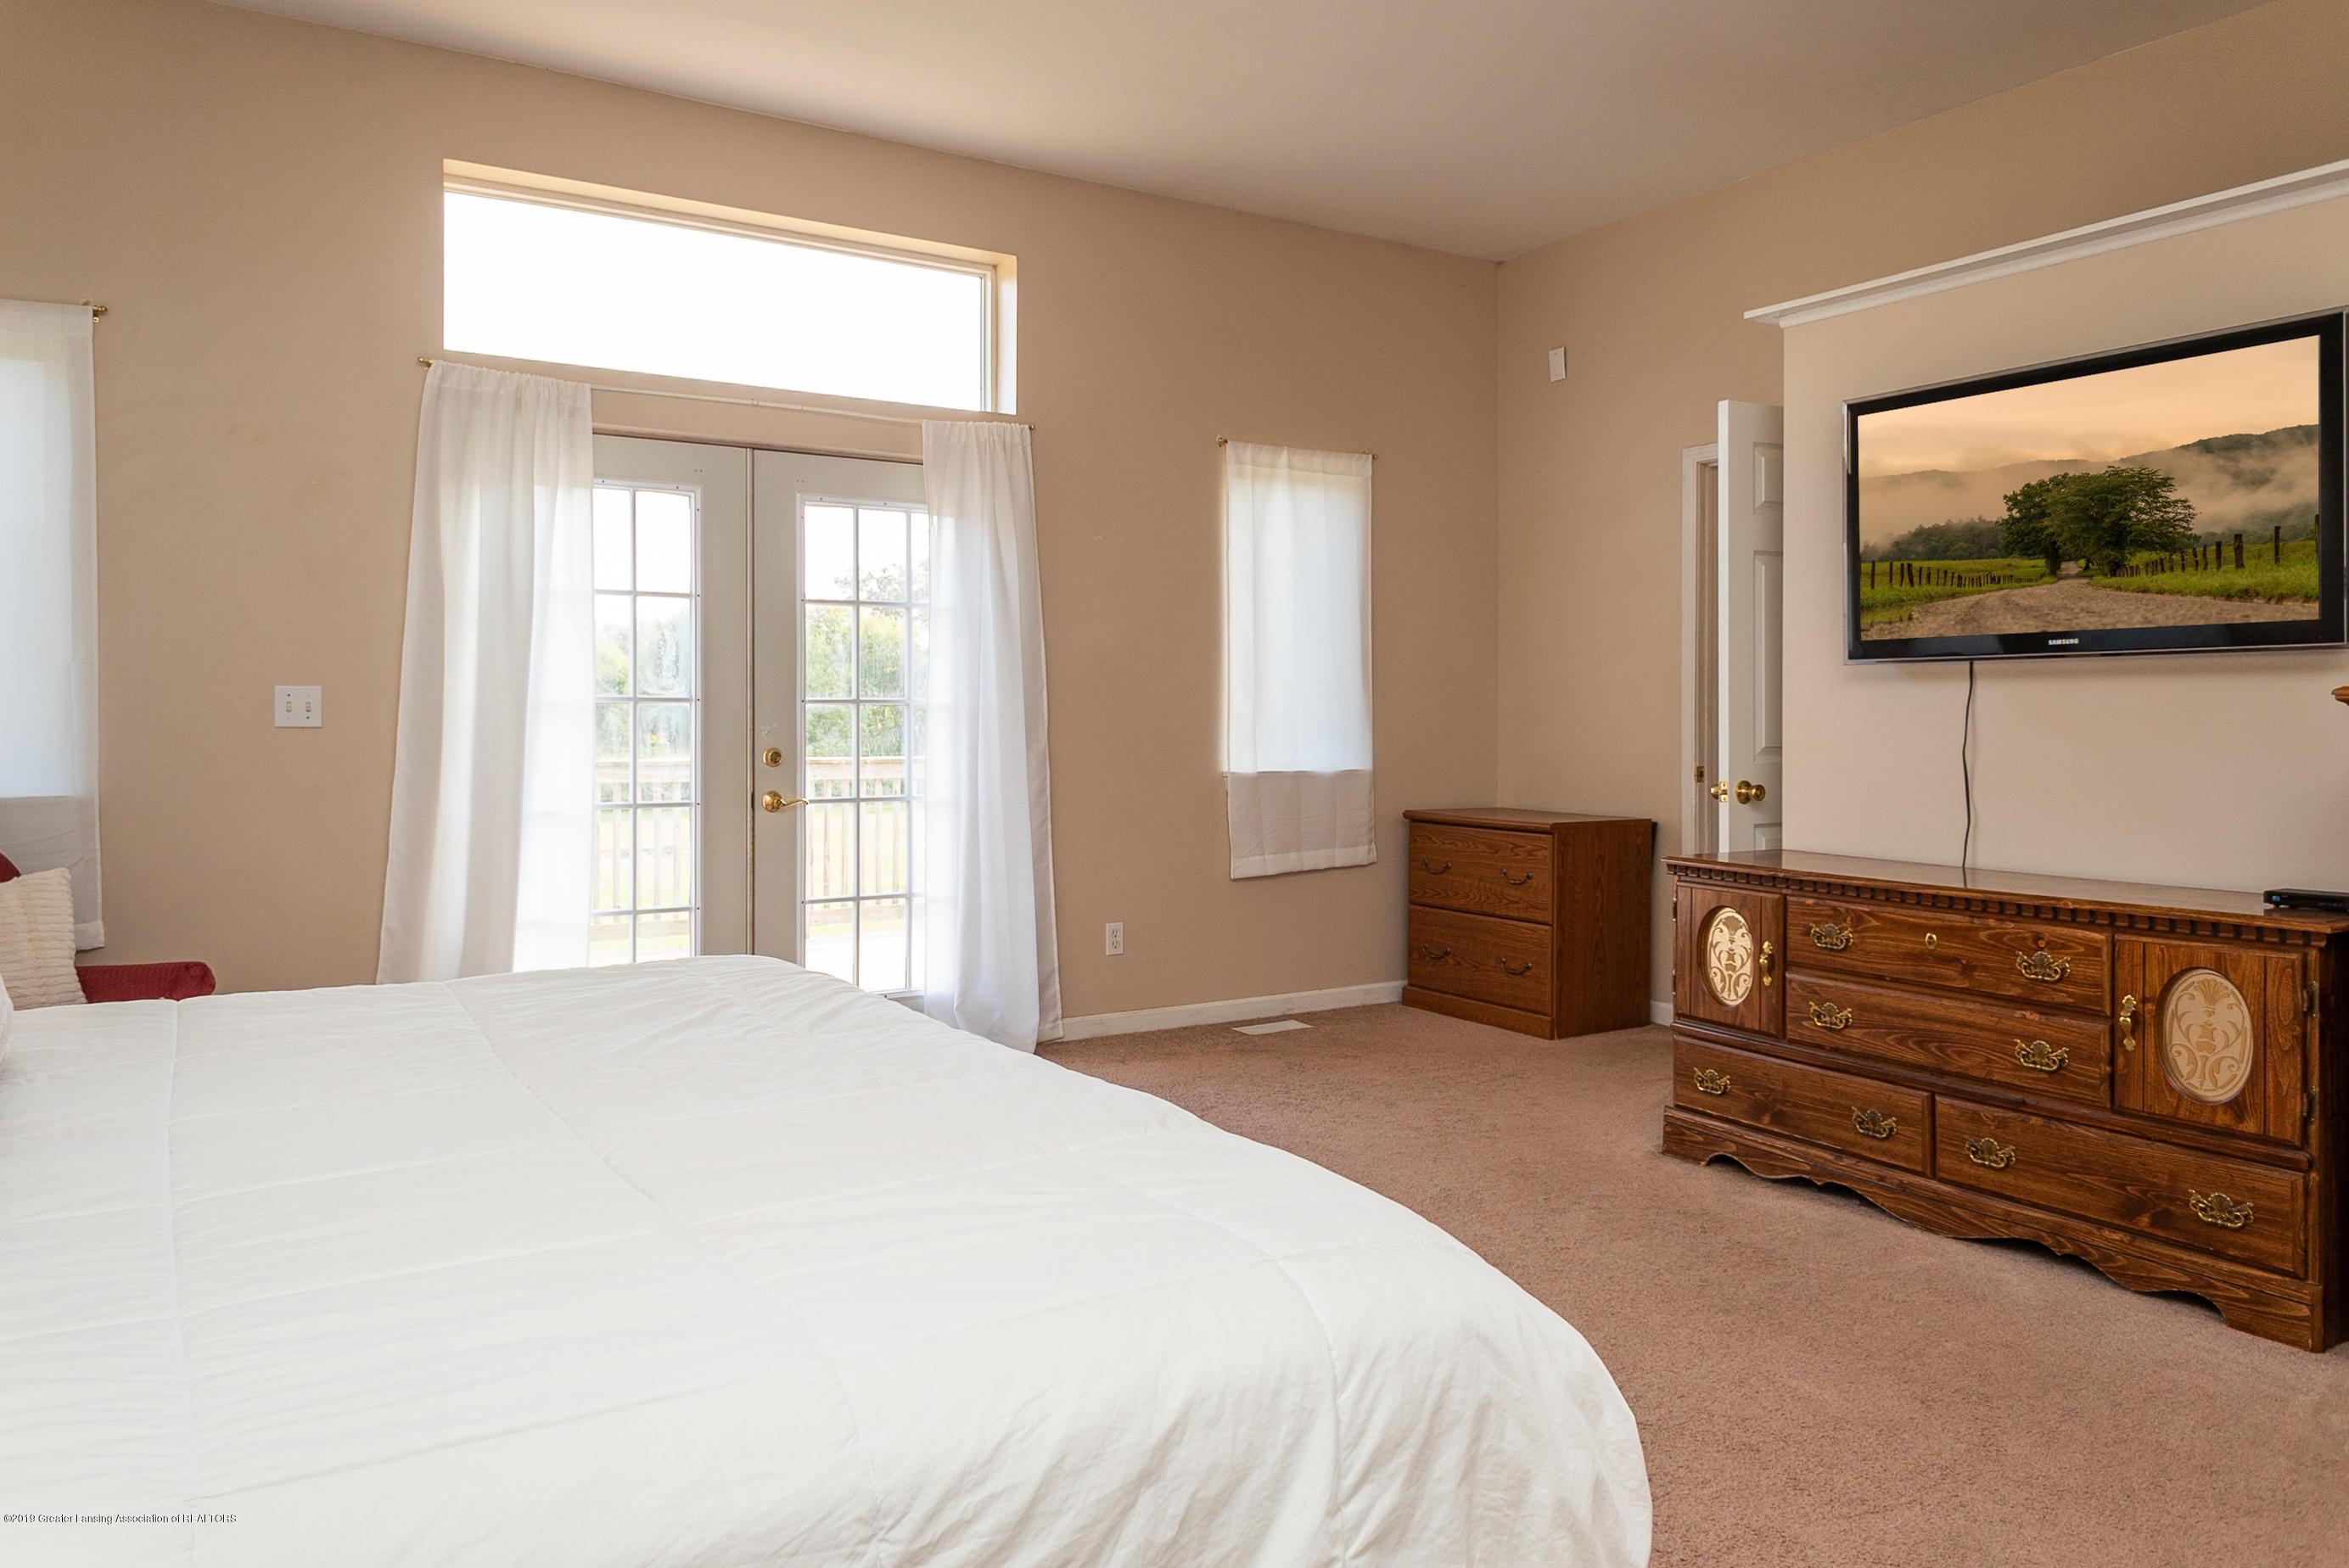 3220 Baseline Rd - Master Bedroom - 12